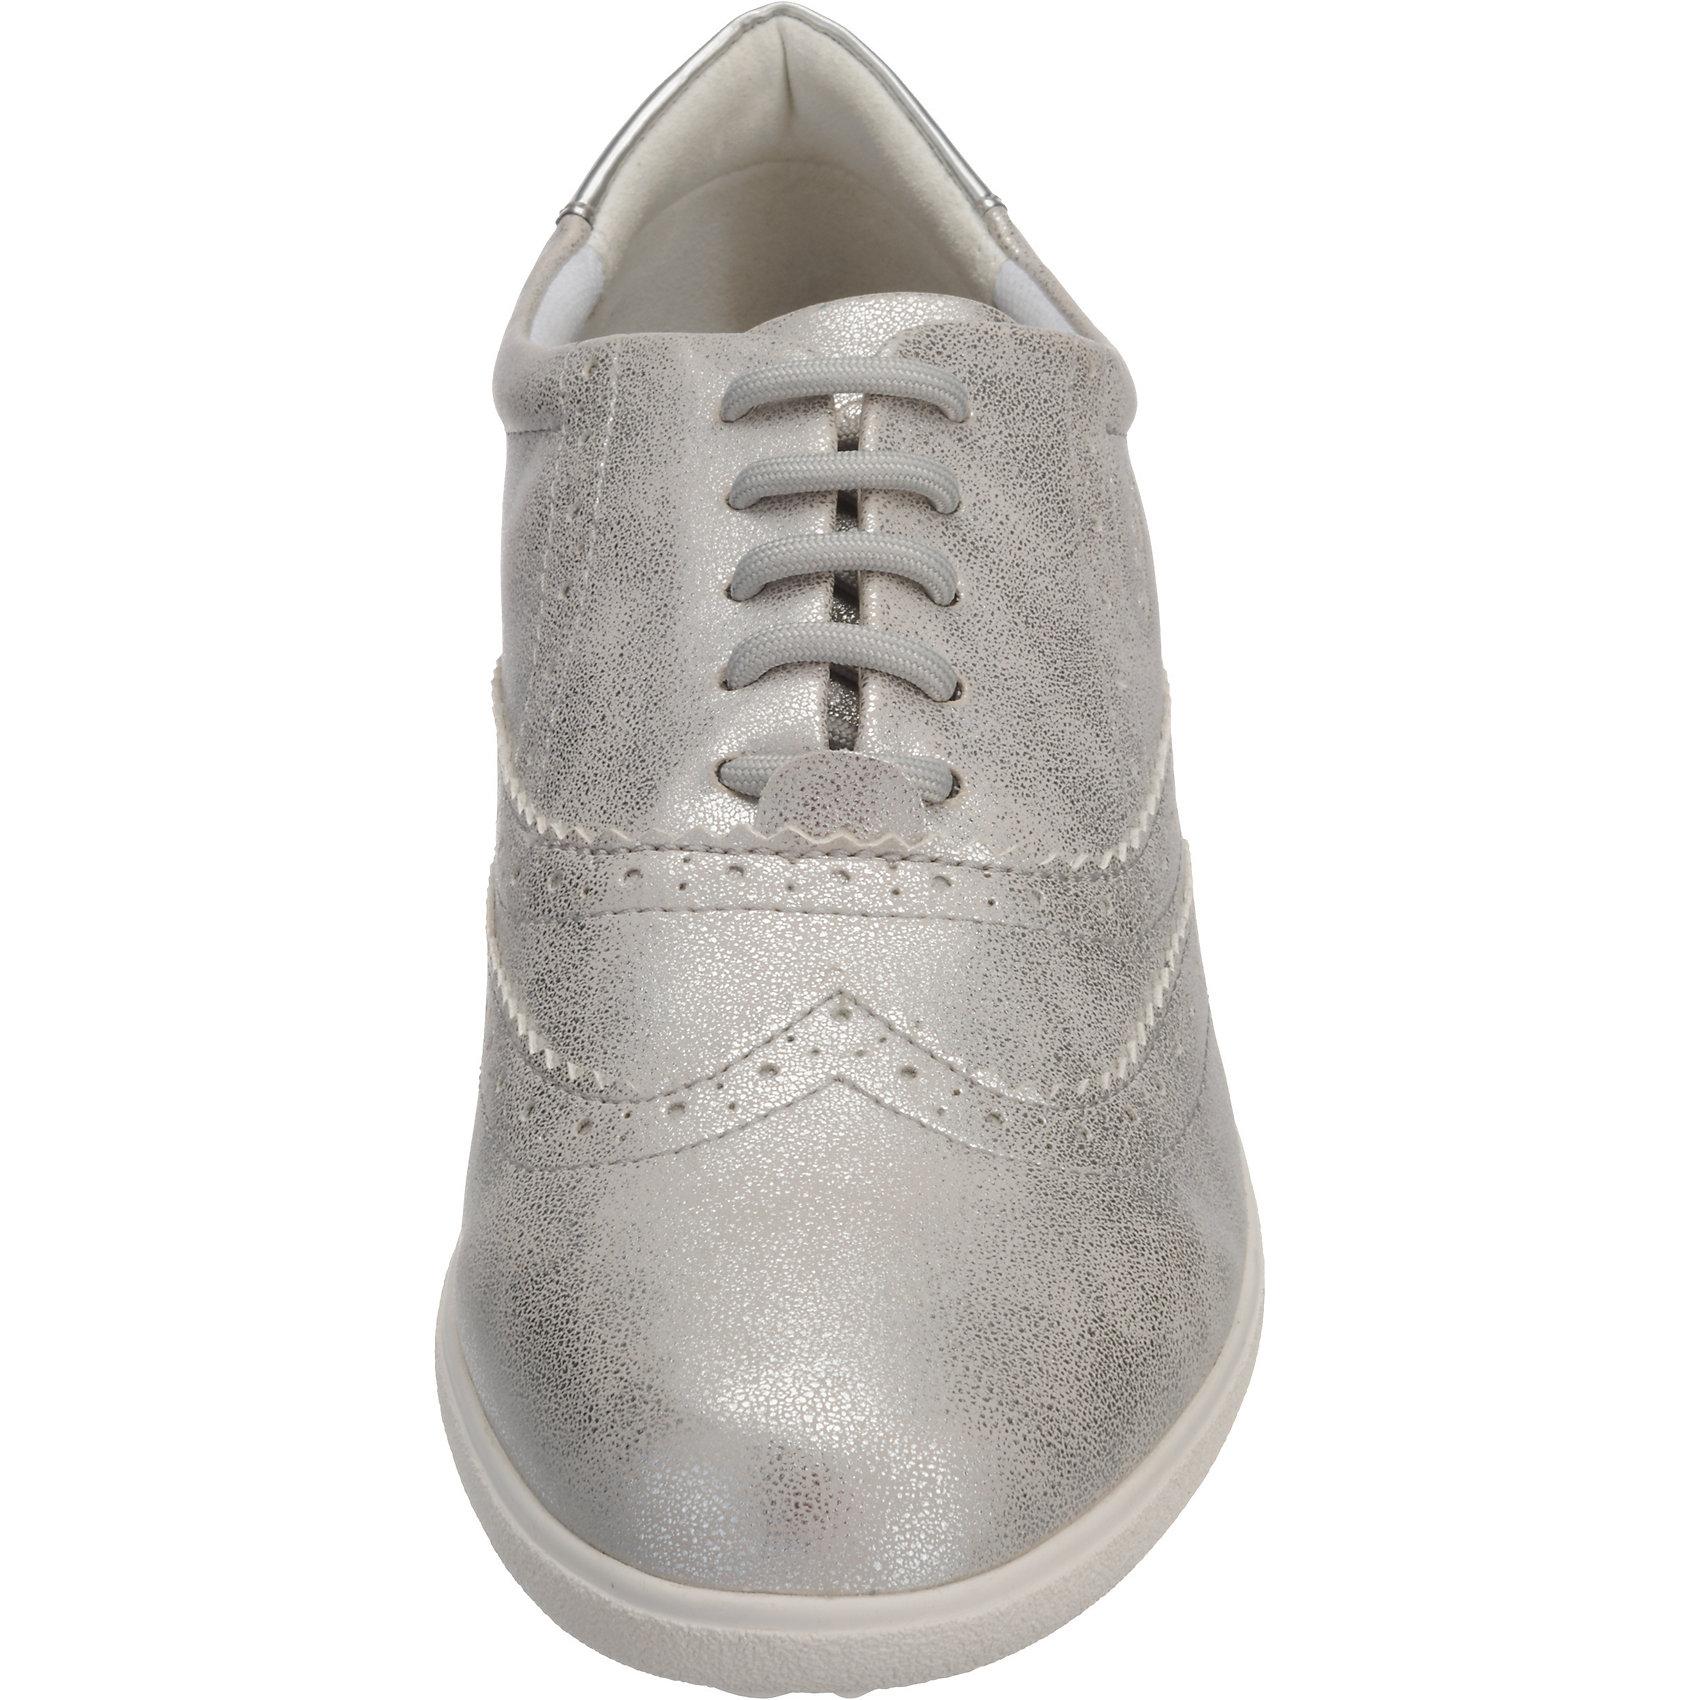 Neu GEOX D NIHAL Sneakers Niedrig 7918982 für für 7918982 Damen silber e9a8d6